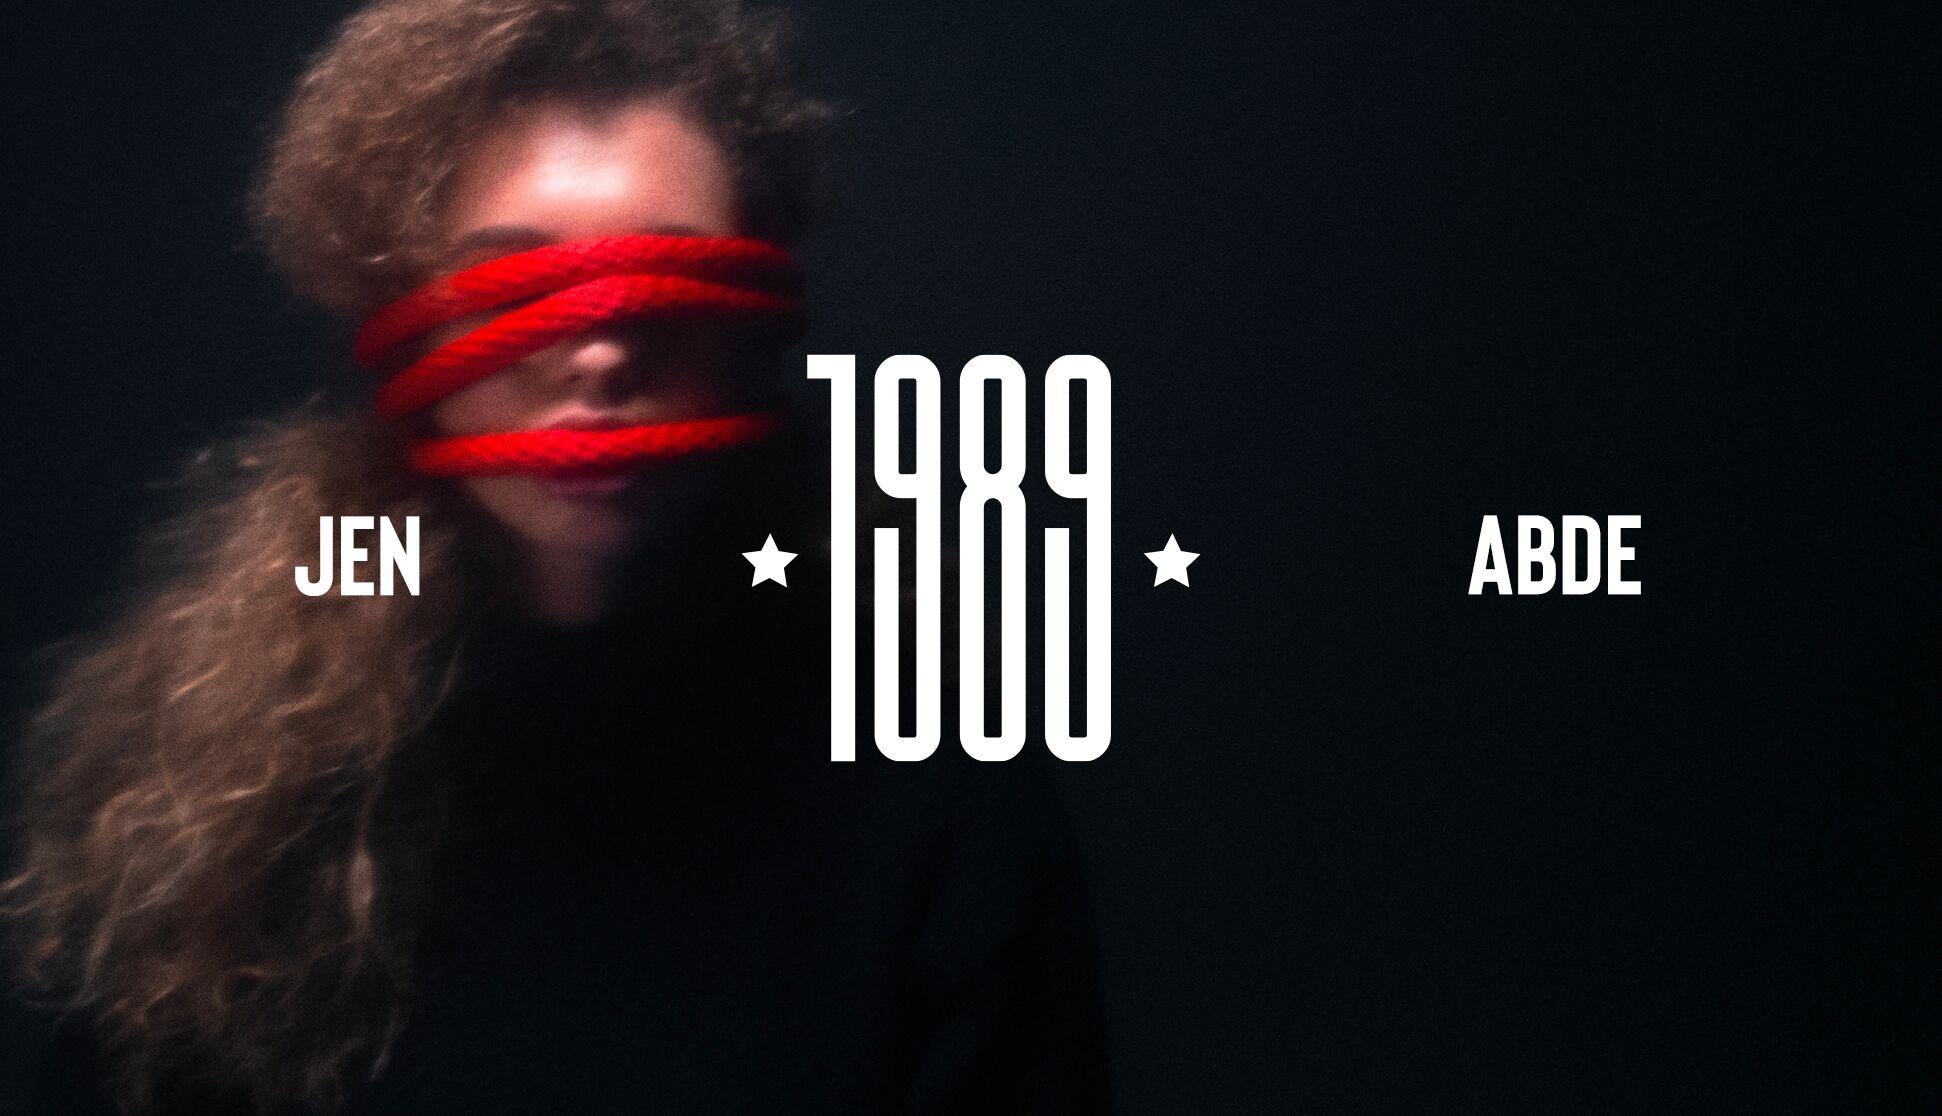 Zpěvák JEN a rapper ABDE natočili píseň a klip k 30. výročí Sametové revoluce